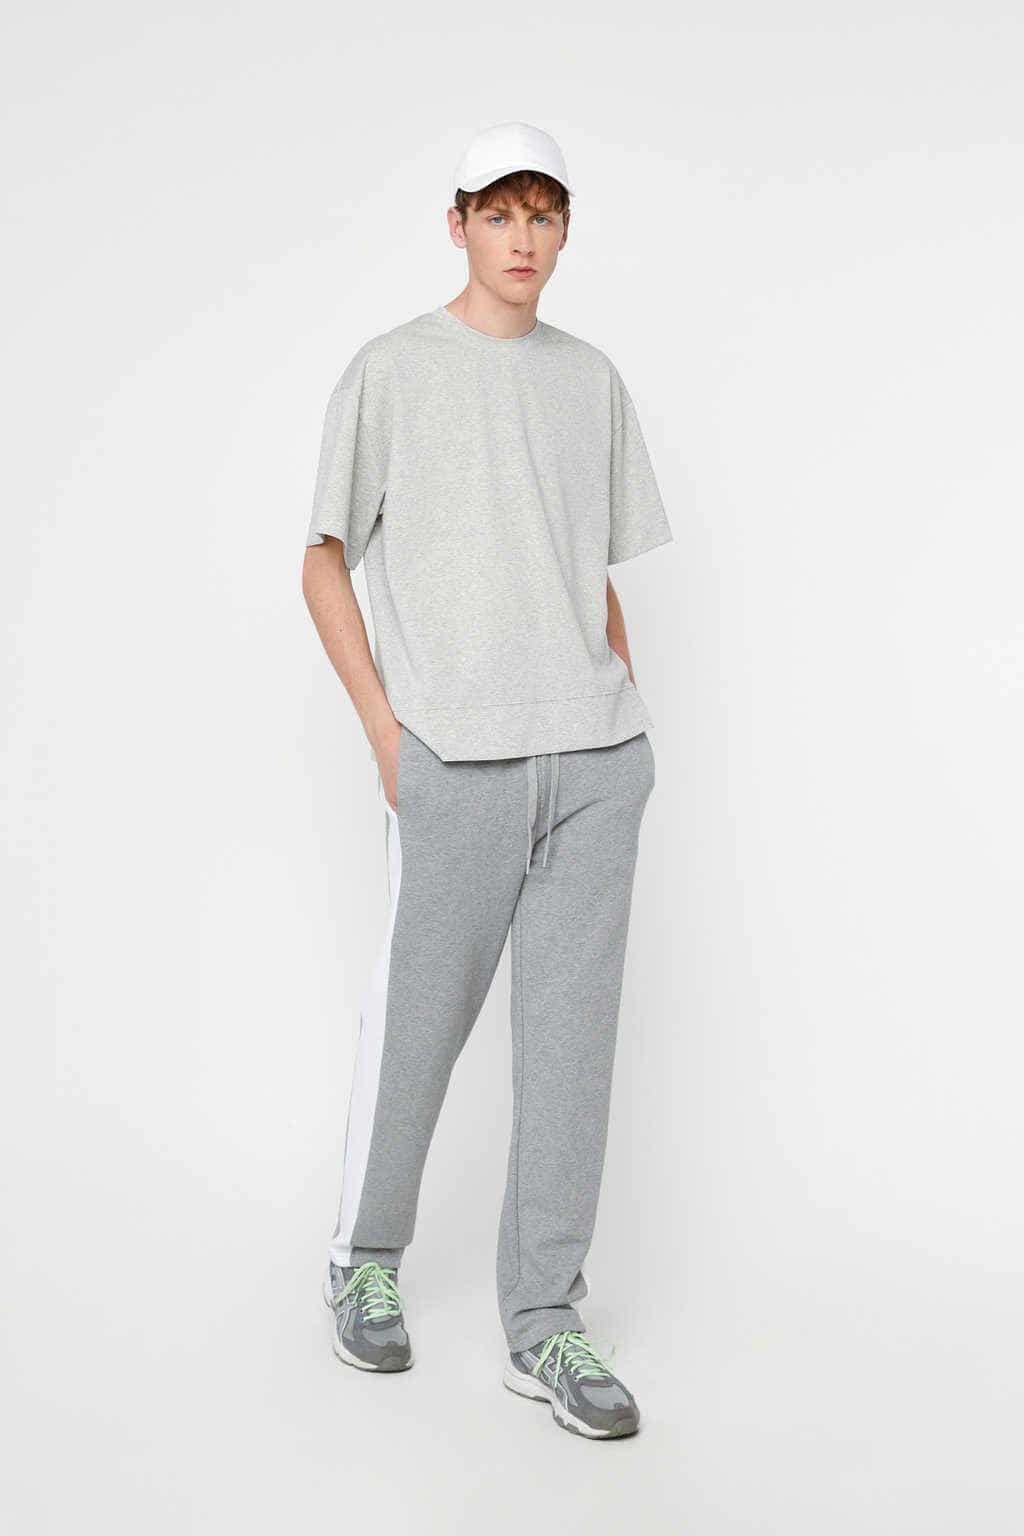 TShirt K007M Gray 3